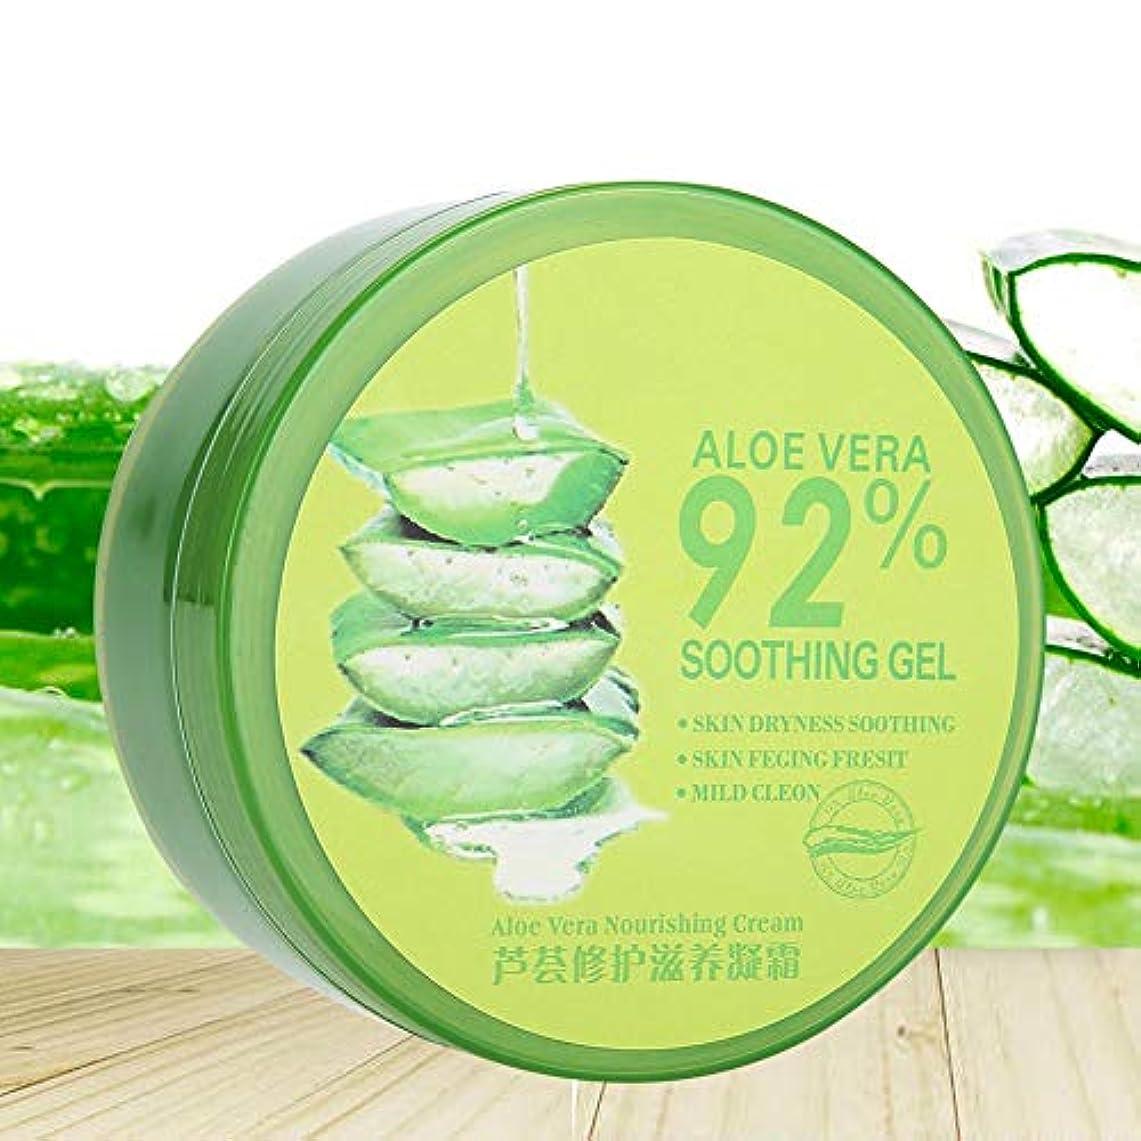 一般的な家主世界的に保湿アロエベラジェル、ナチュラルハイドレイティング保湿栄養アロエベラジェルにきび治療美容スキンケアクリームスリーピングクリーム